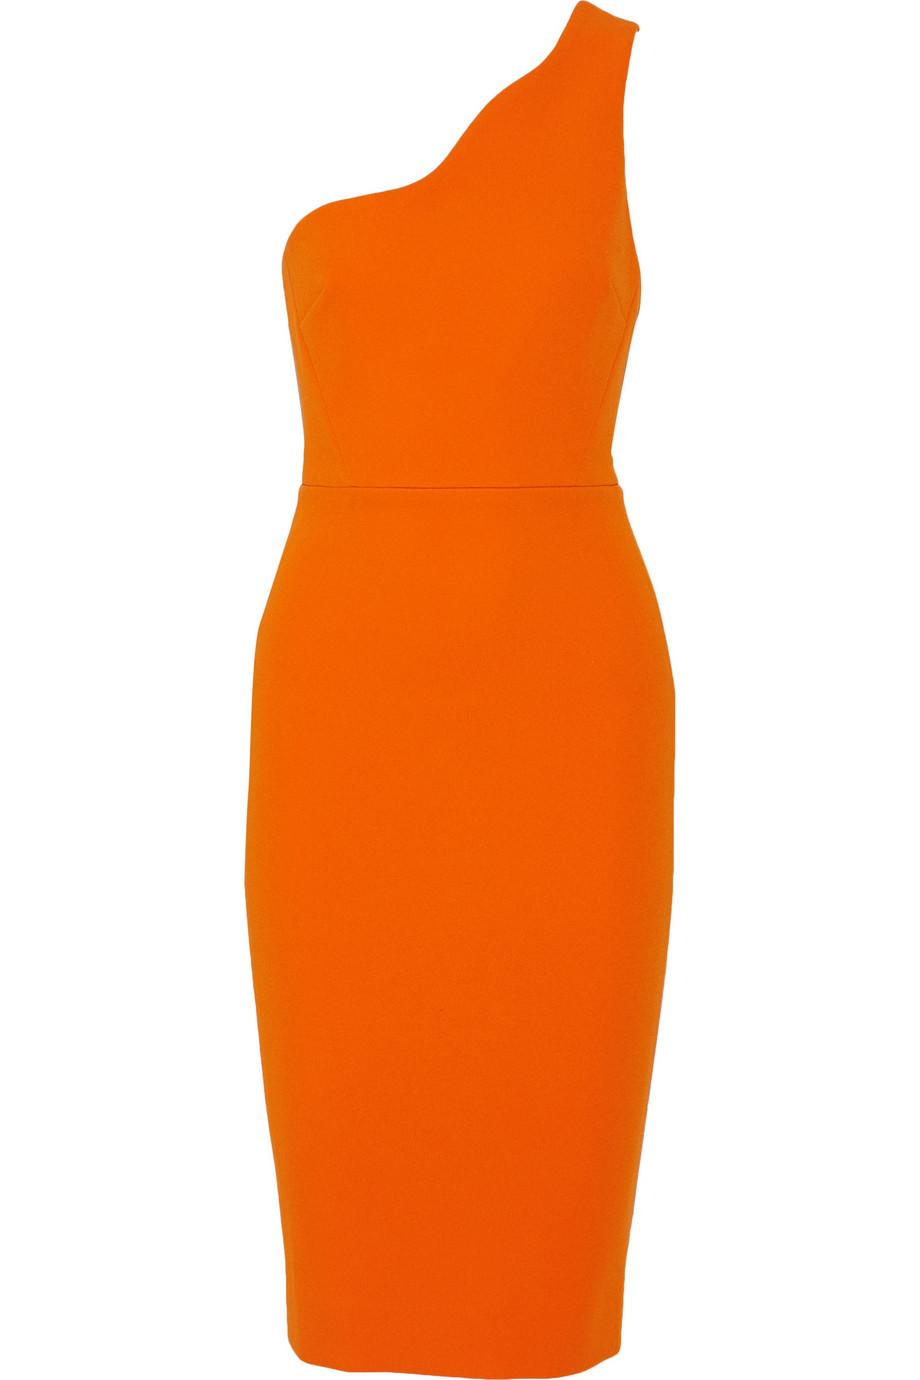 VICTORIA BECKHAM One-shoulder crepe dress